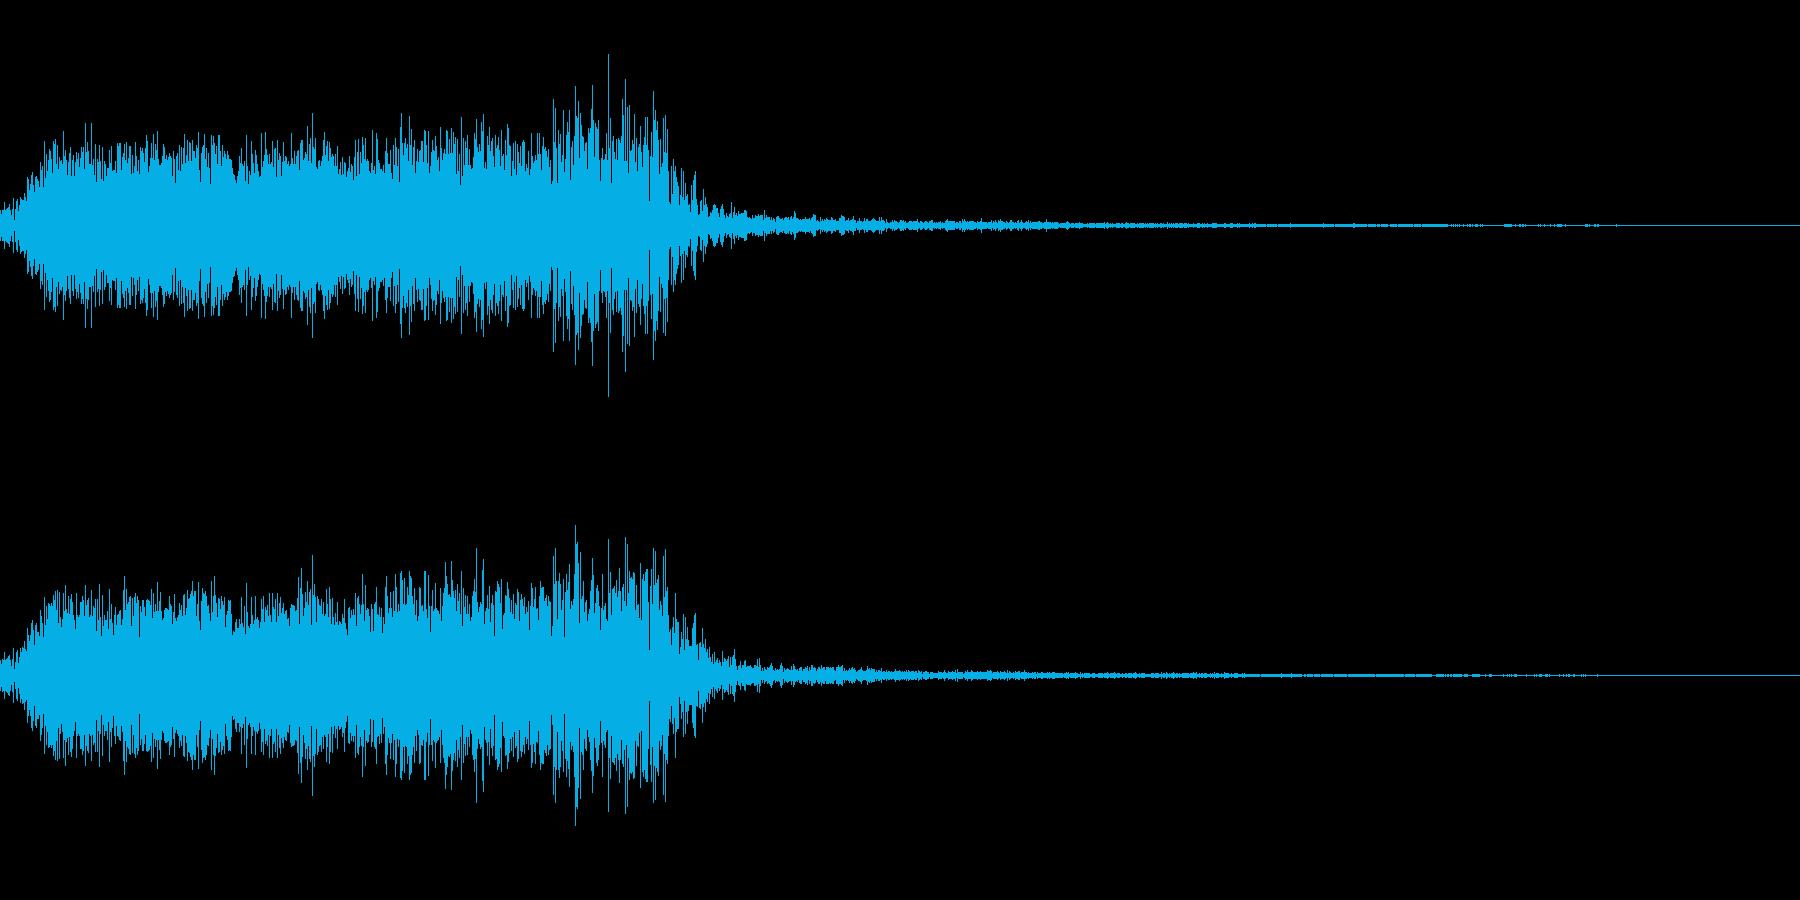 ギュィーーーン(ギタースクラッチ音)の再生済みの波形